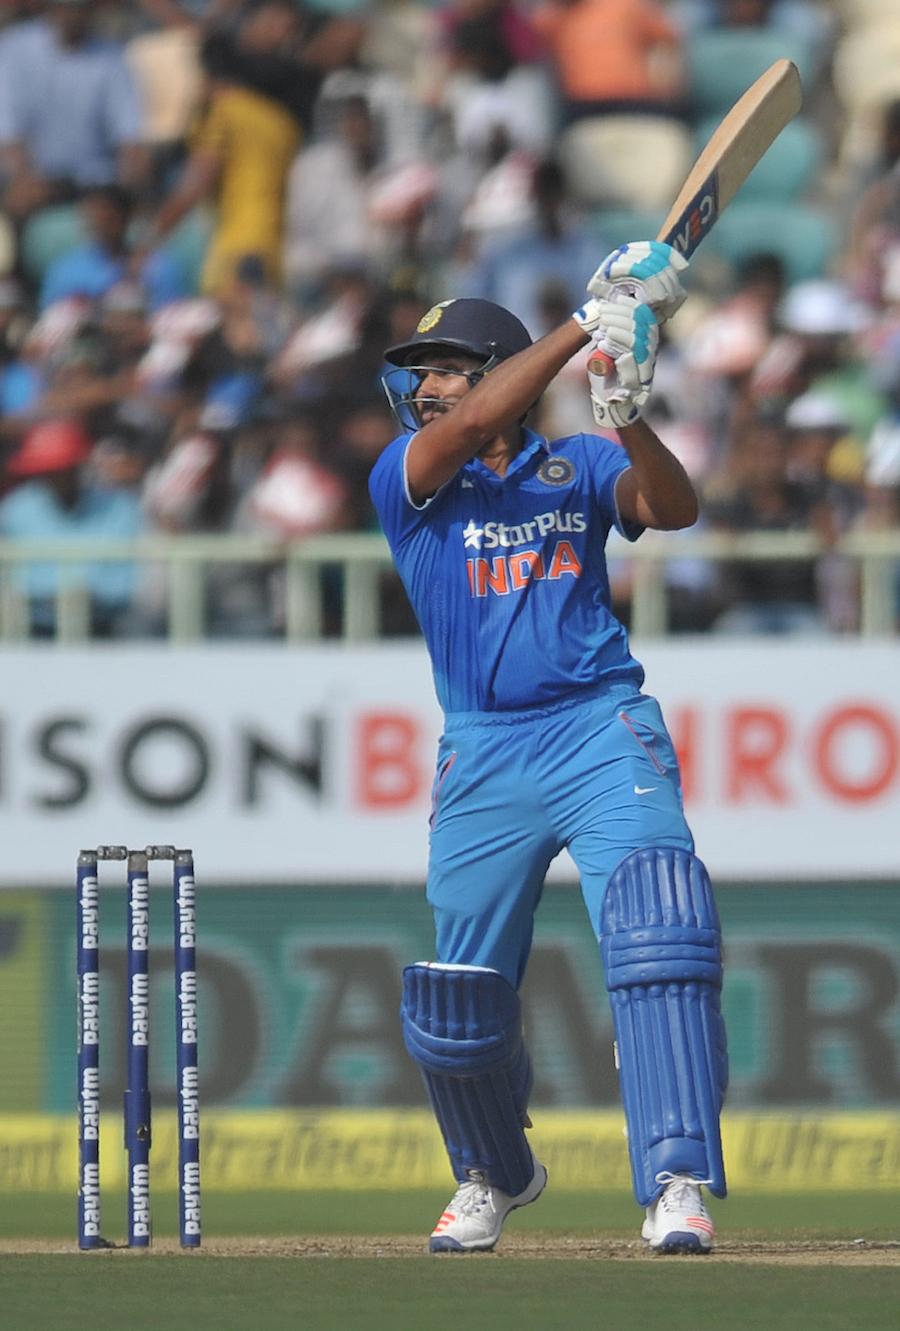 रोहित शर्मा ने कहा नहीं करूंगा टीम की कप्तानी बतौर ओपनर बल्लेबाज दूंगा टीम को ठोस शुरुआत